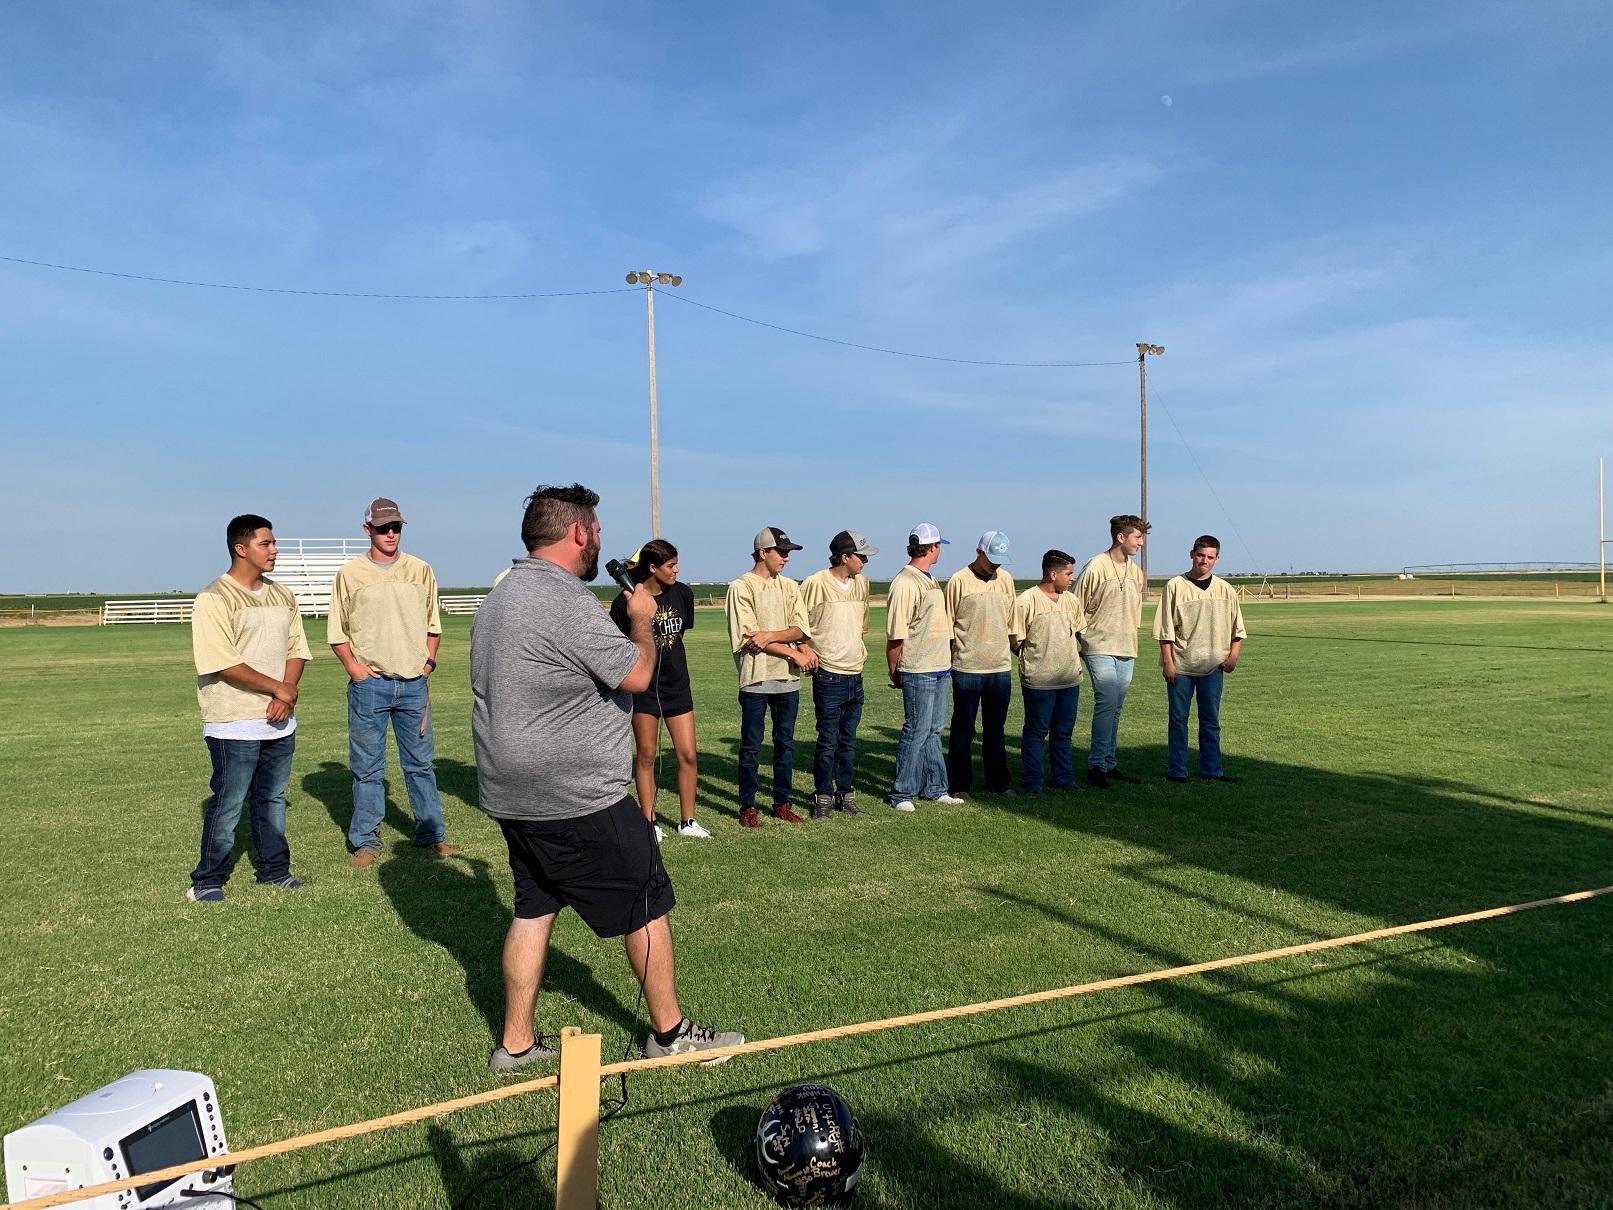 Coach Brewer & Team Elks